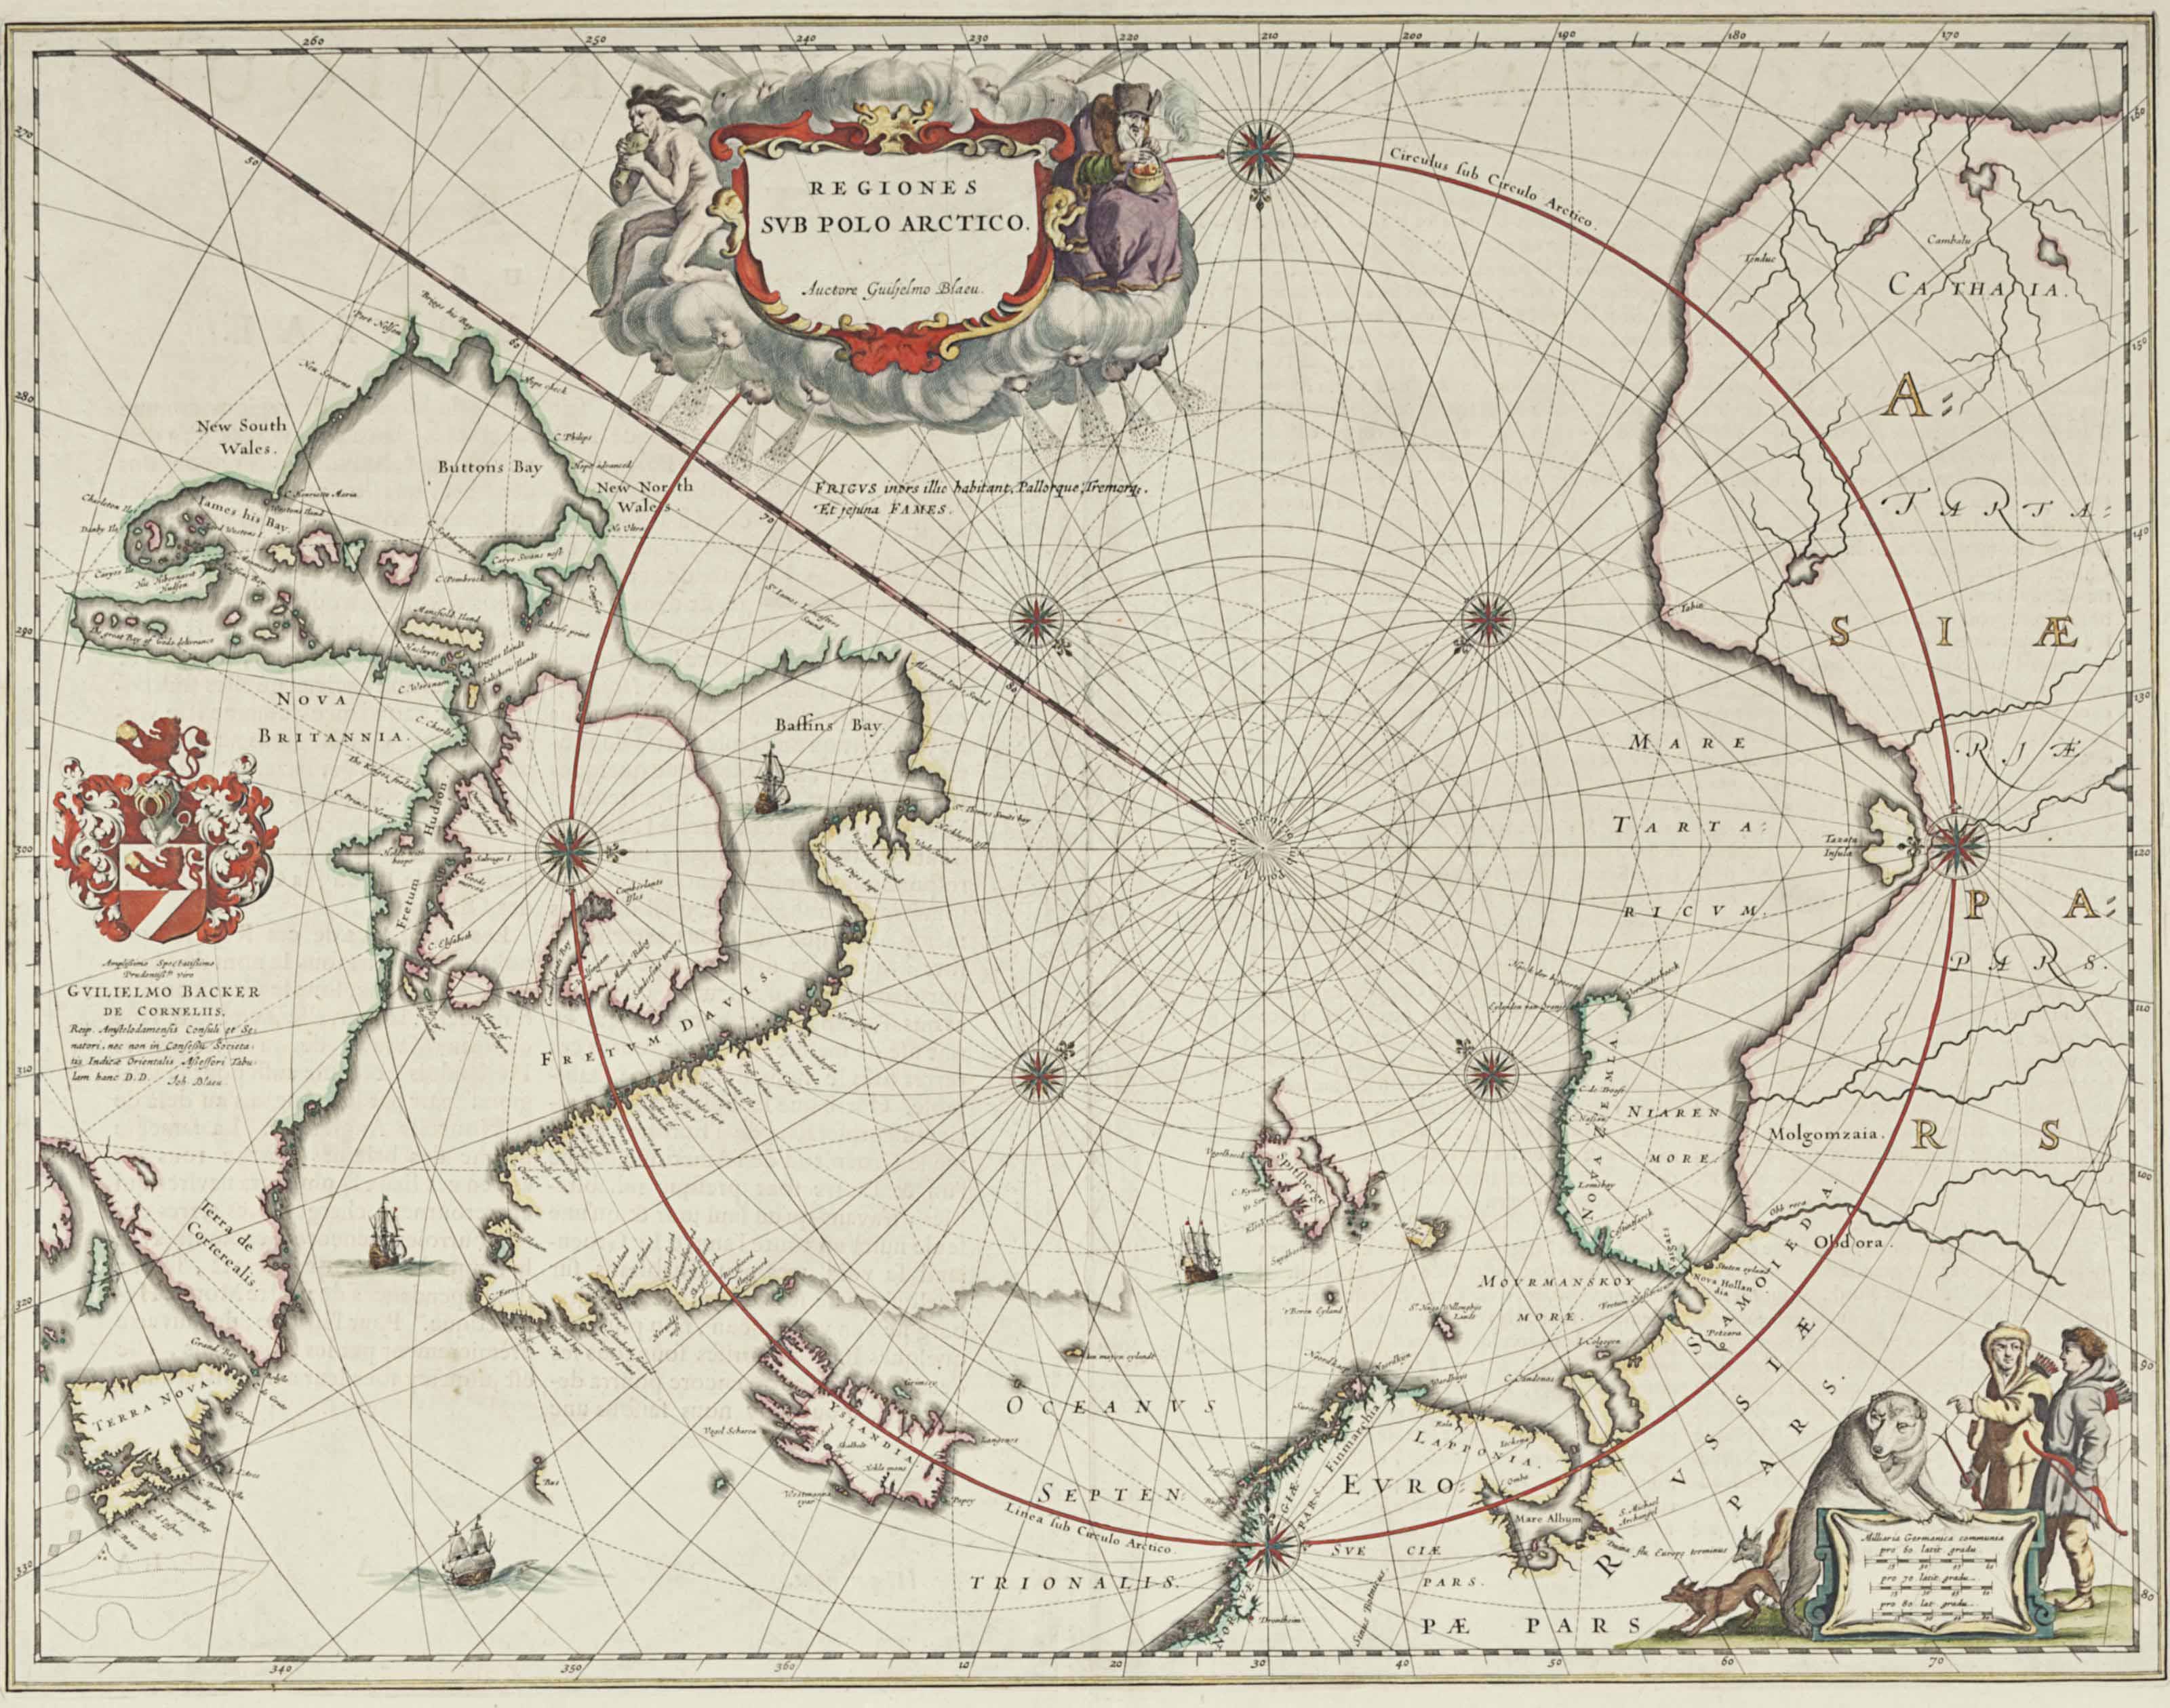 BLAEU, Willem (1571-1638). Reg